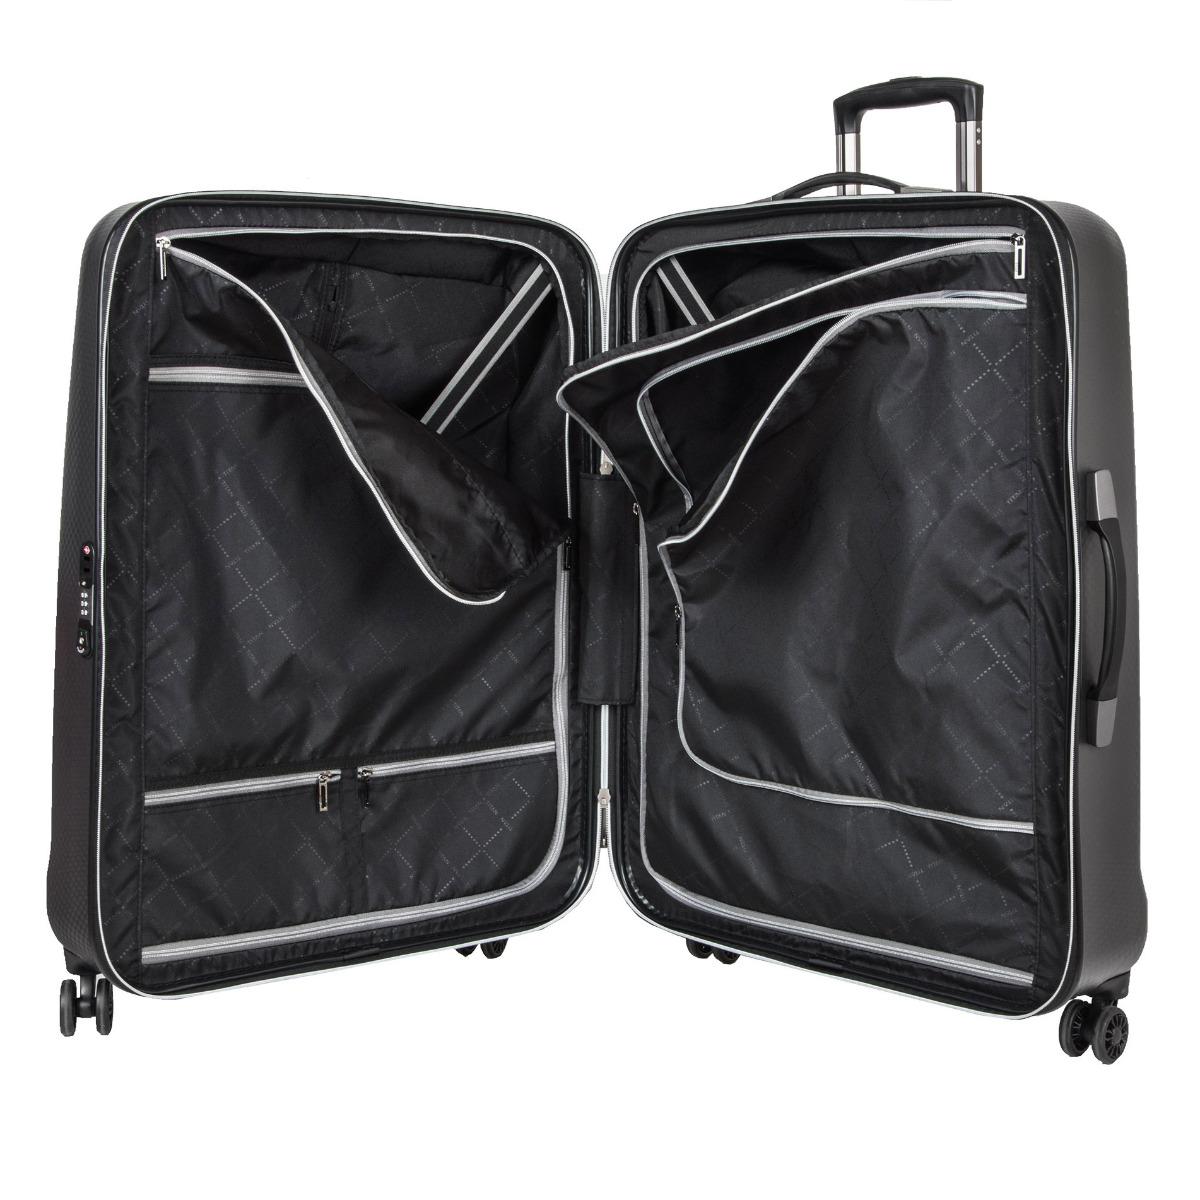 Titan Xenon Deluxe L Graphite S inovatívnym kufrom Titan Xenon Deluxe sa budete aj pri náročných cestách cítiť ako v bavlnke.